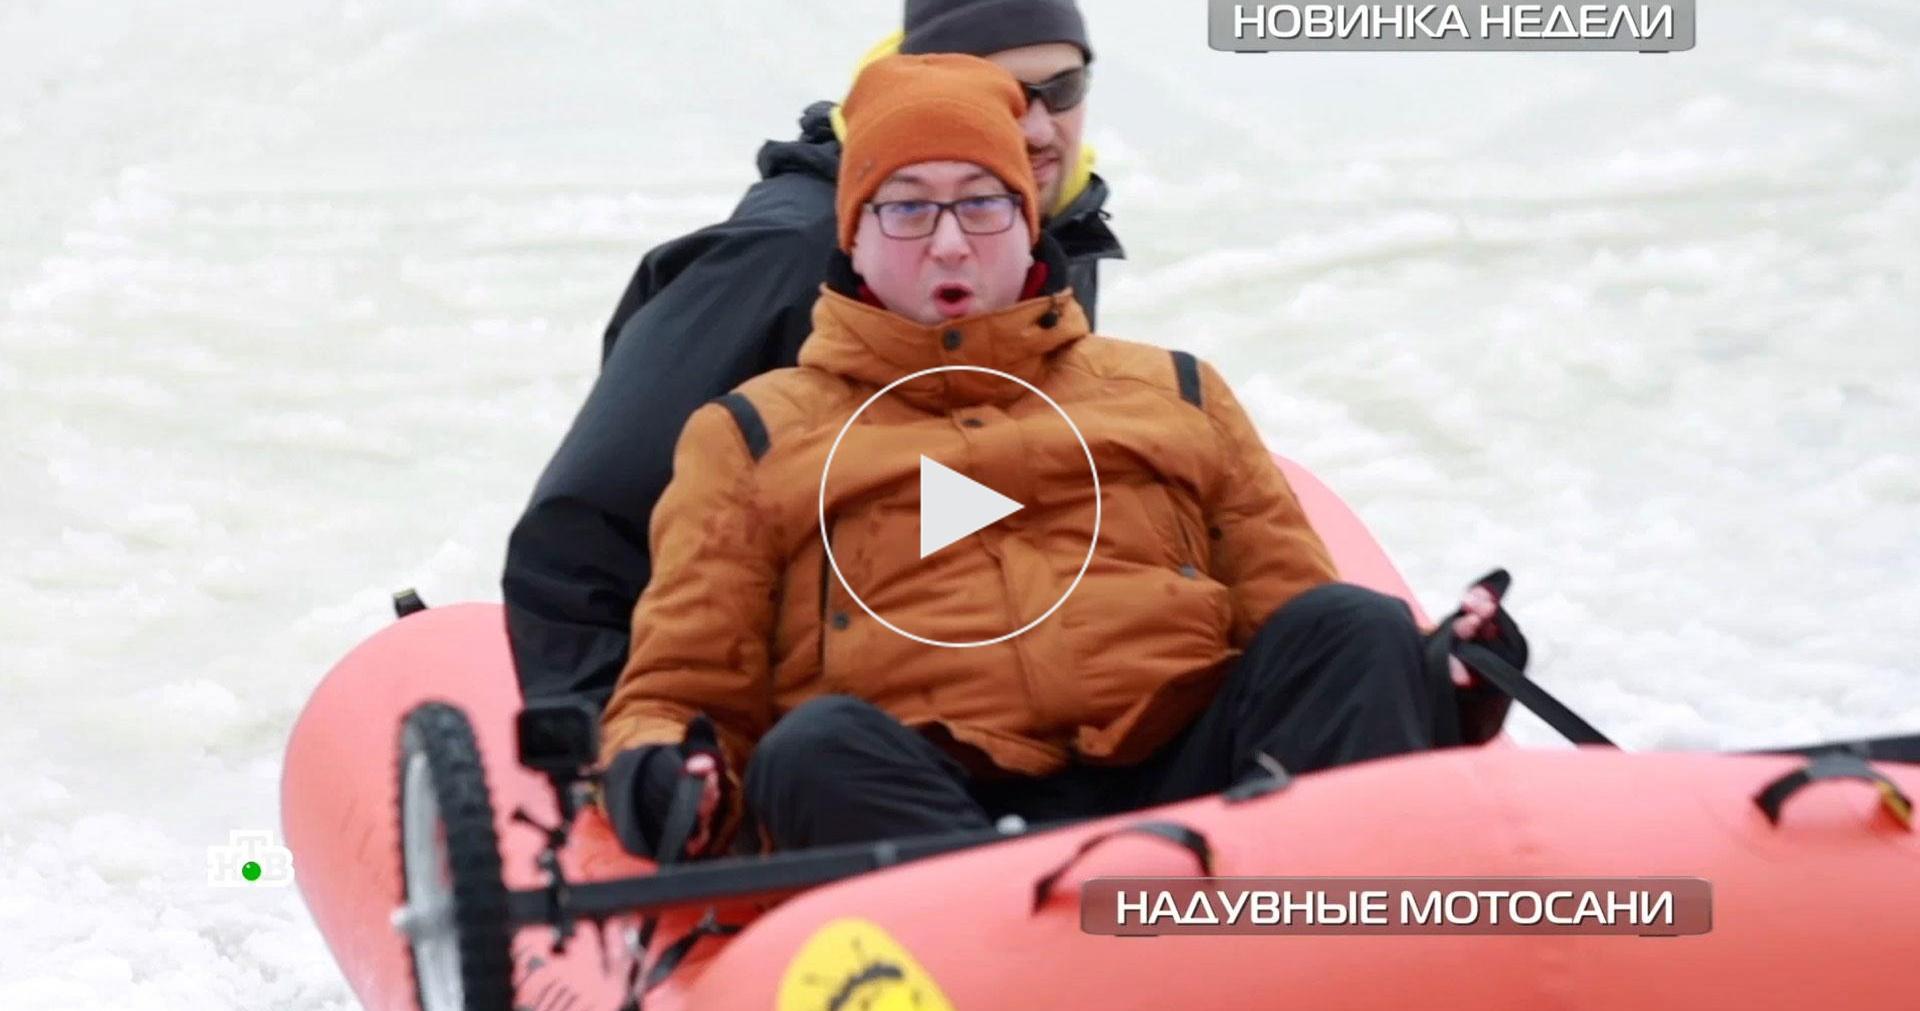 Тест надувных рыбацких мотосаней